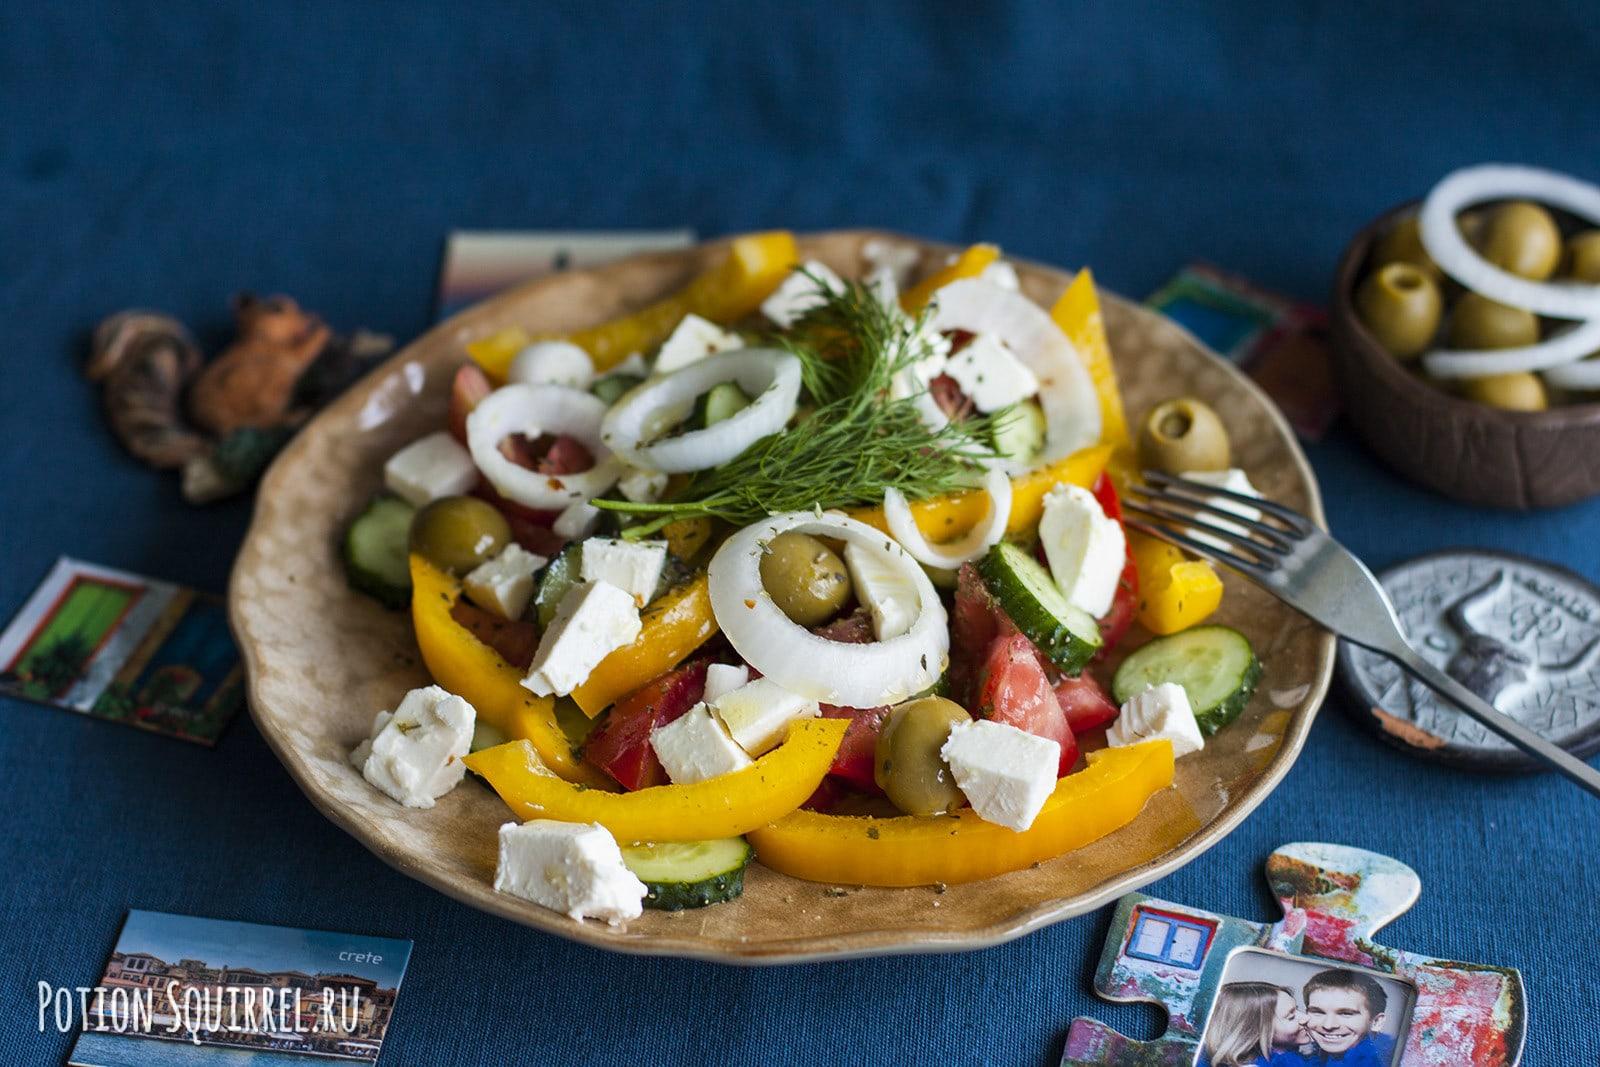 Простой и вкусный греческий салат по рецепту от potionsquirrel.ru